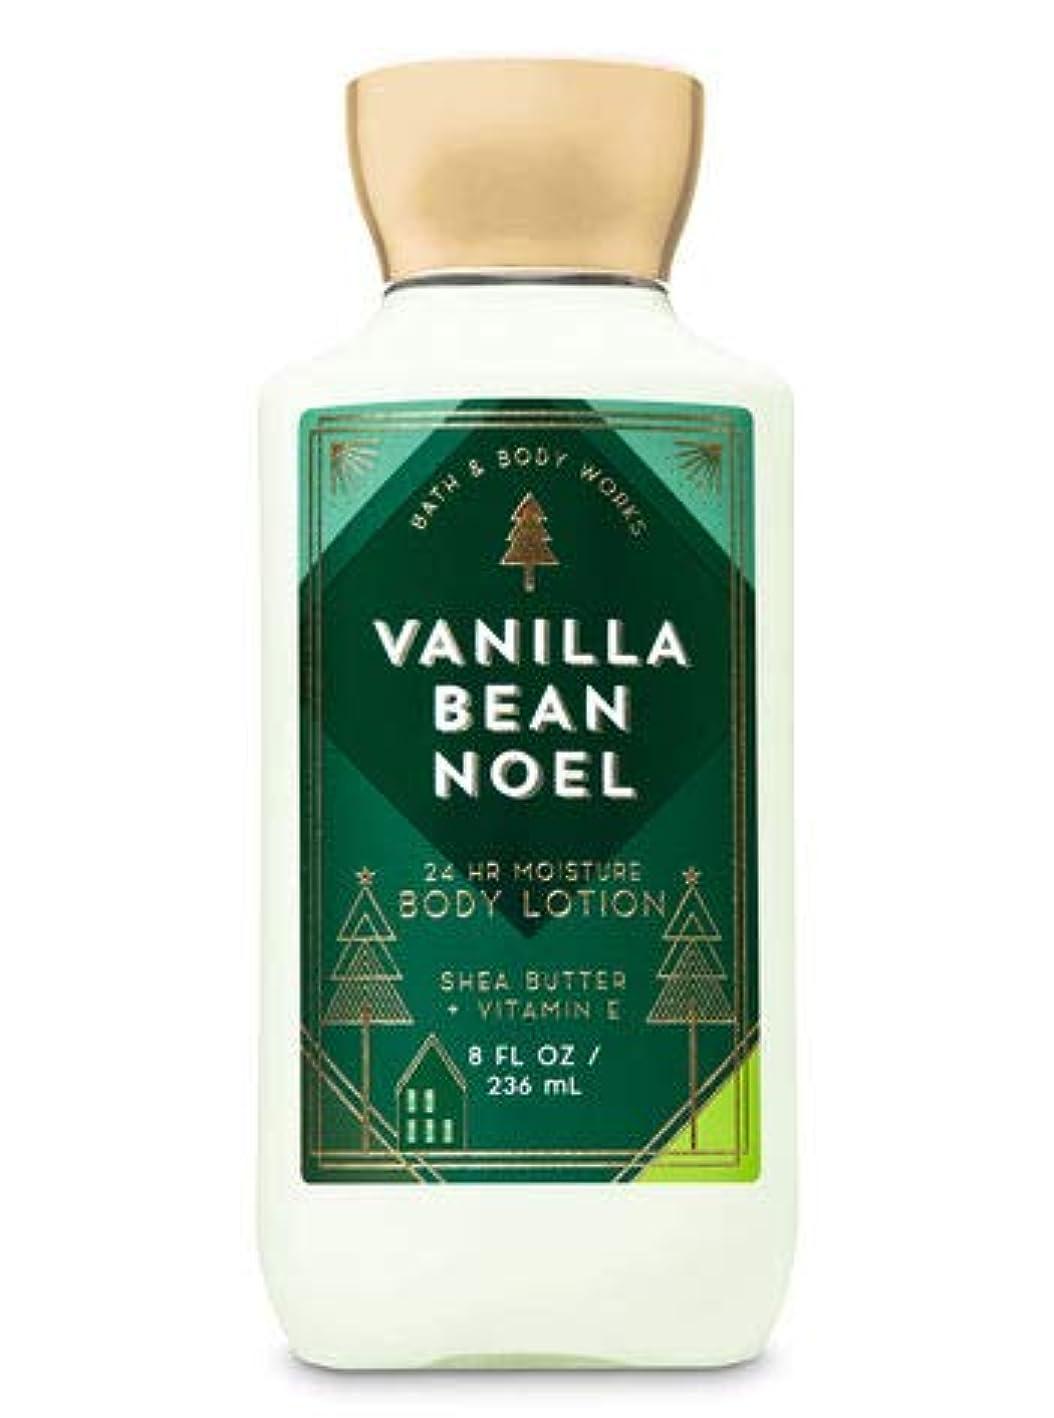 従順食べる十分【Bath&Body Works/バス&ボディワークス】 ボディローション バニラビーンノエル Body Lotion Vanilla Bean Noel 8 fl oz / 236 mL [並行輸入品]